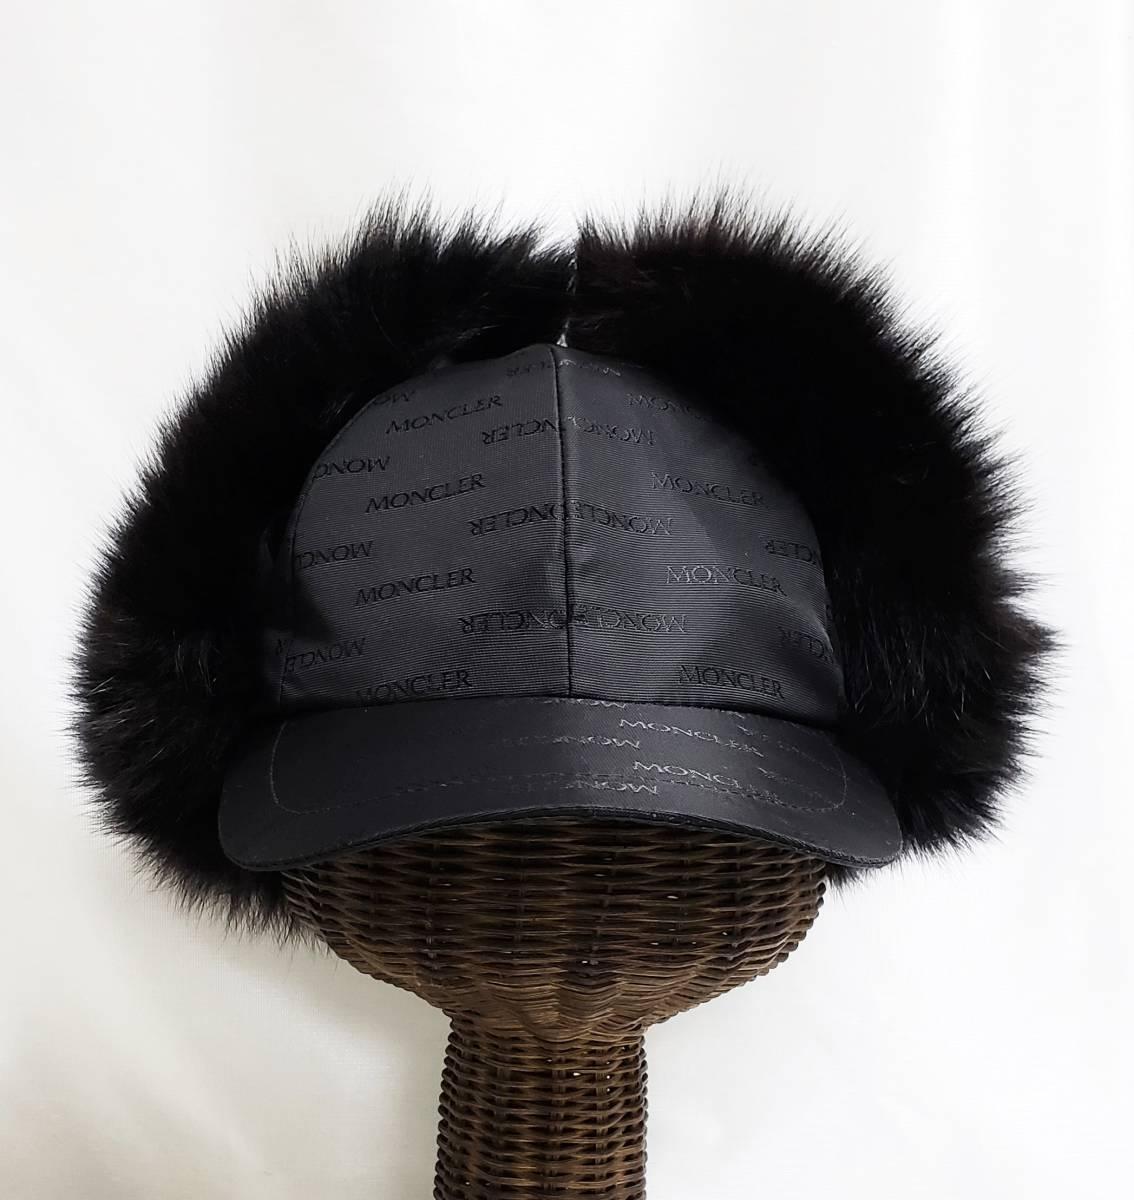 希少 新品同様 モンクレール MONCLER ボリュームファーが素敵な フォックス ファー 耳当て付き 帽子 パイロット キャップ 黒 フリーサイズ _画像1